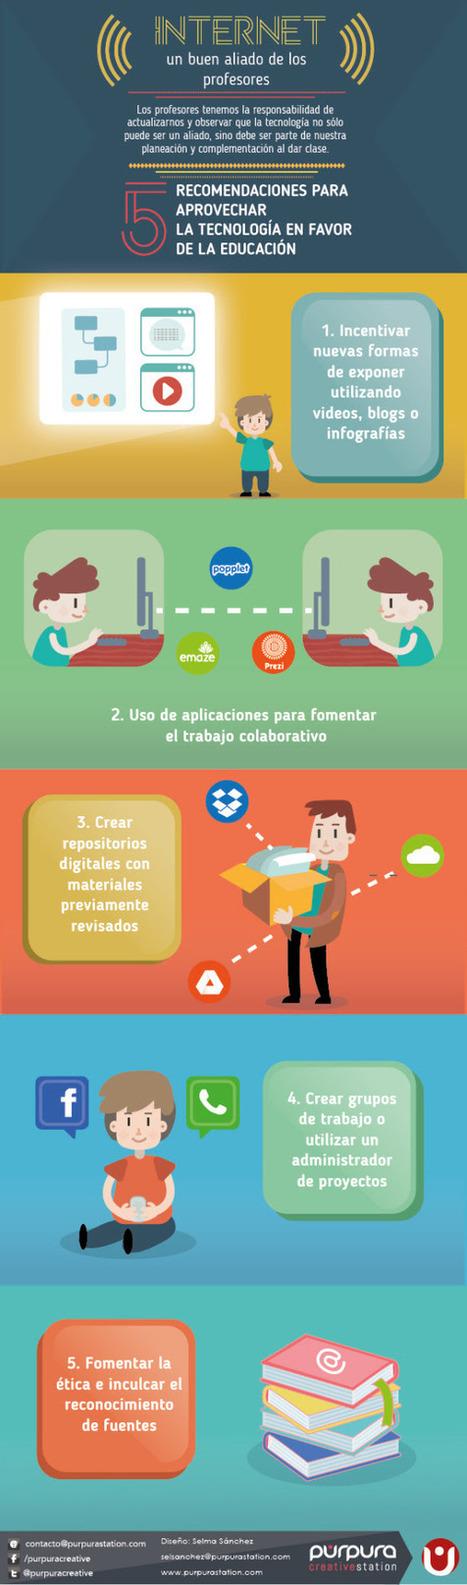 5 recomendaciones para usar Internet en Educación | Internet como recurso Docente | Scoop.it